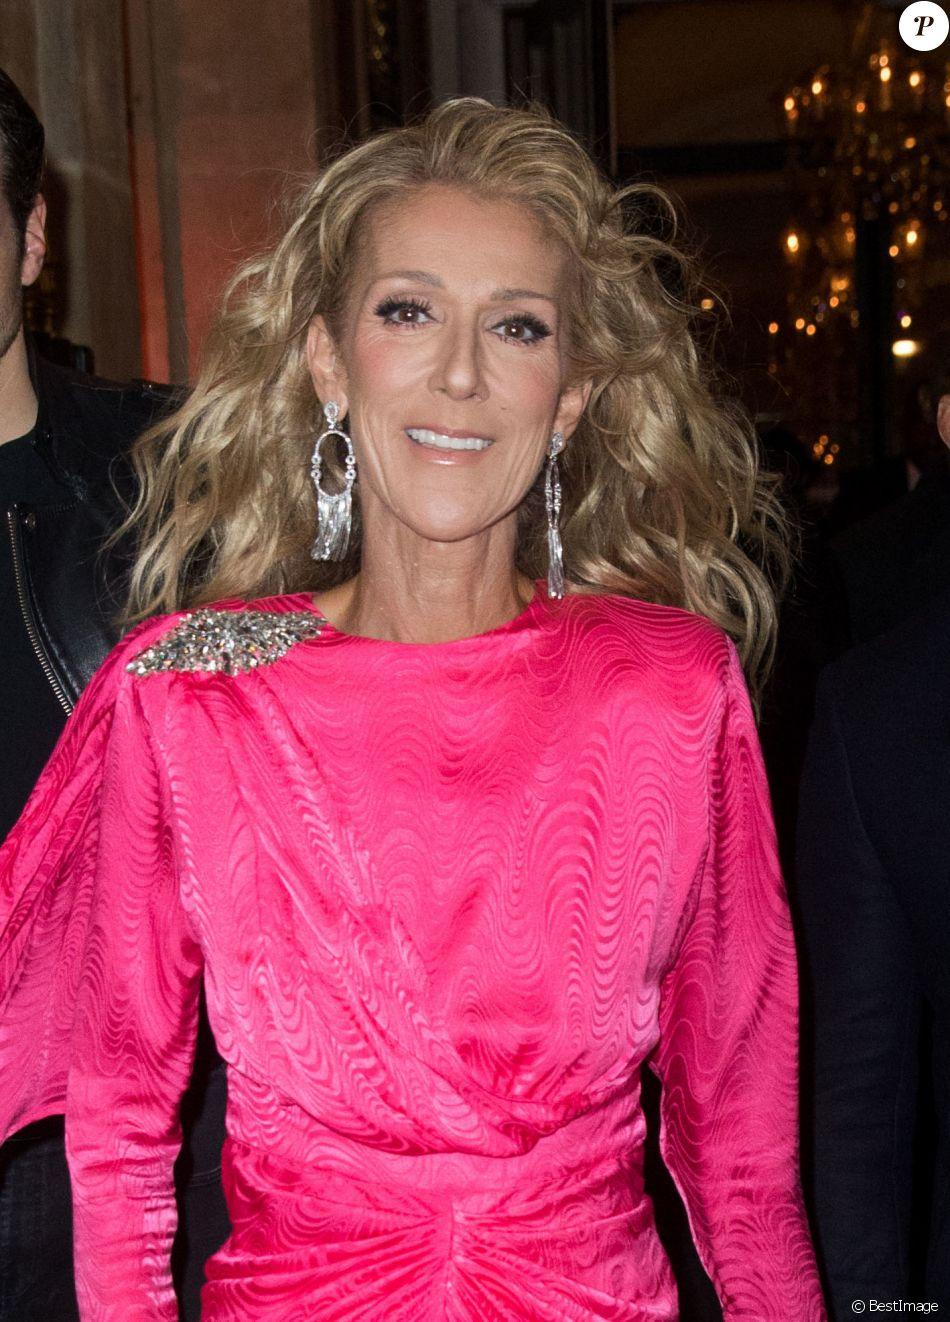 Semi-exclusif - Céline Dion et Pepe Munoz quittent l'hôtel De Crillon pour se rendre Moulin Rouge à Paris, le 24 janvier 2019.